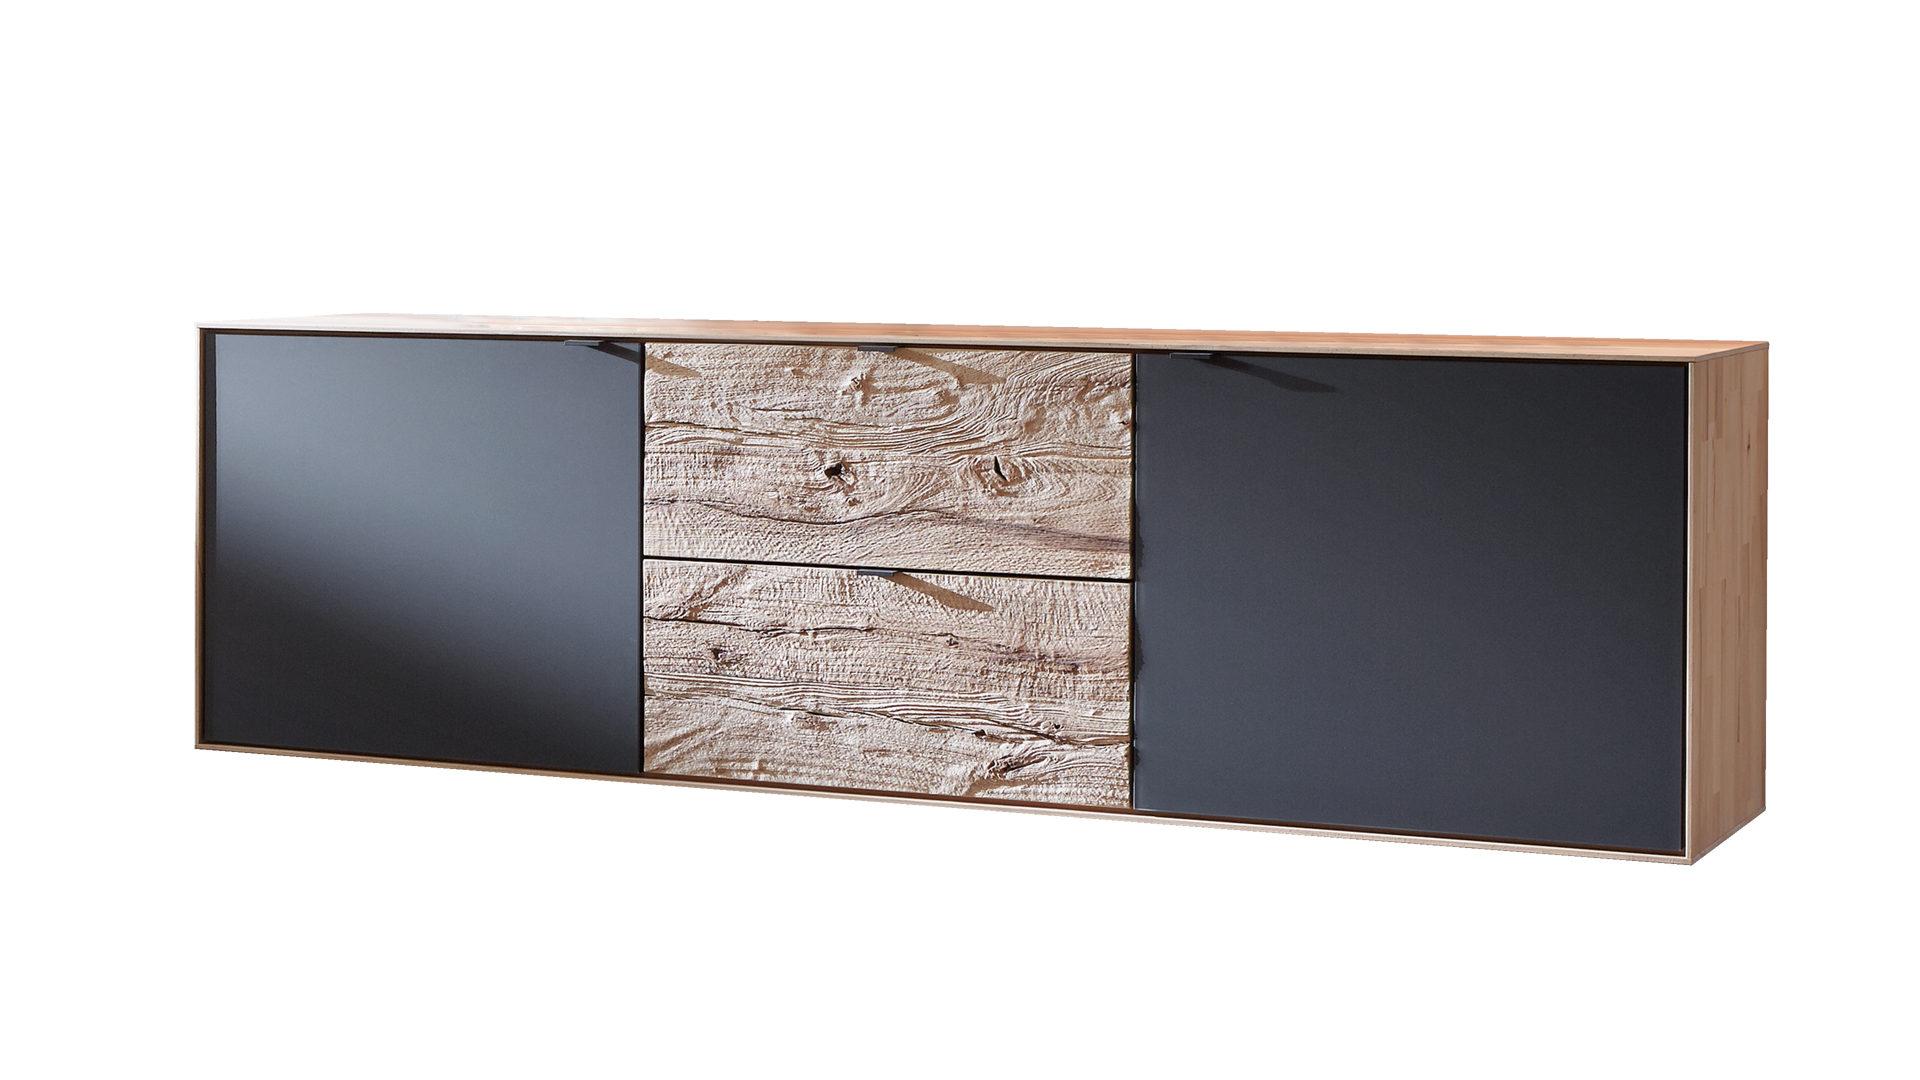 Wohnzimmer Kommoden, hertel möbel e.k. gesees, räume, wohnzimmer, kommoden + sideboards, Design ideen